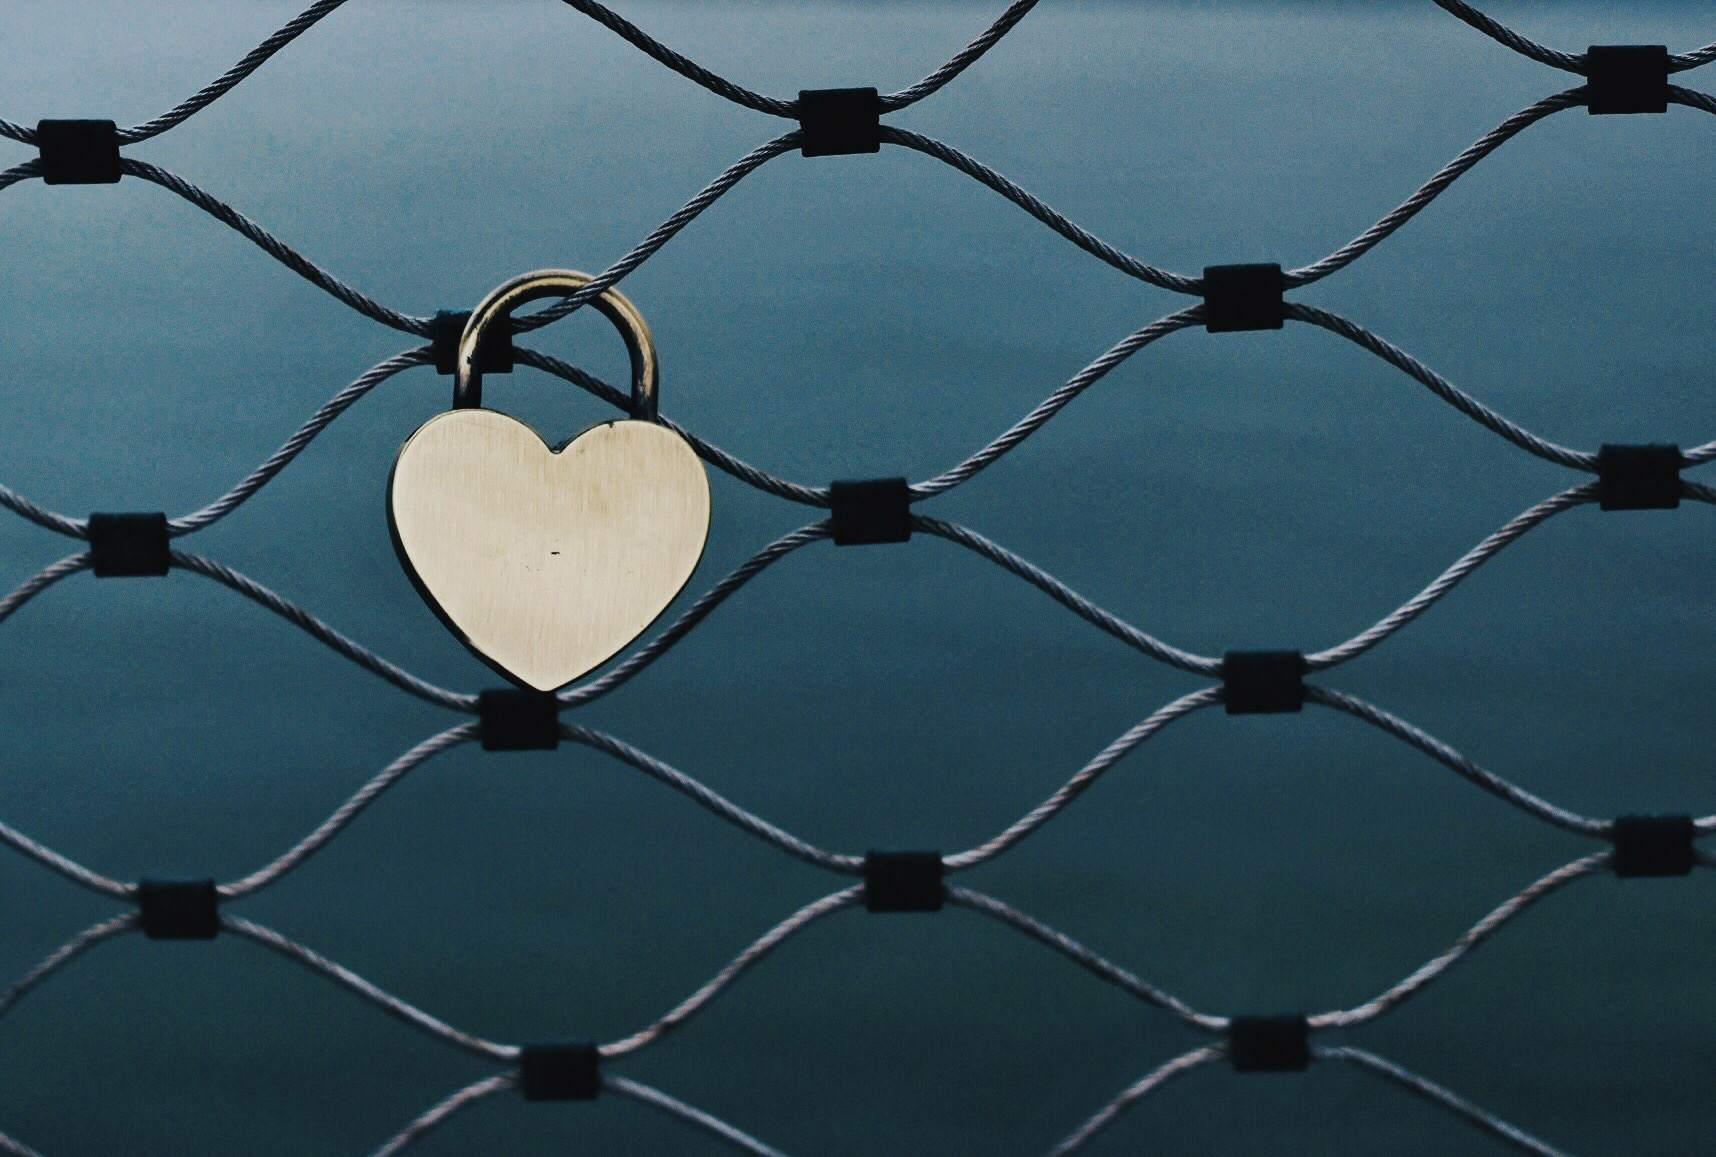 Setting boundaries can create greater closeness.